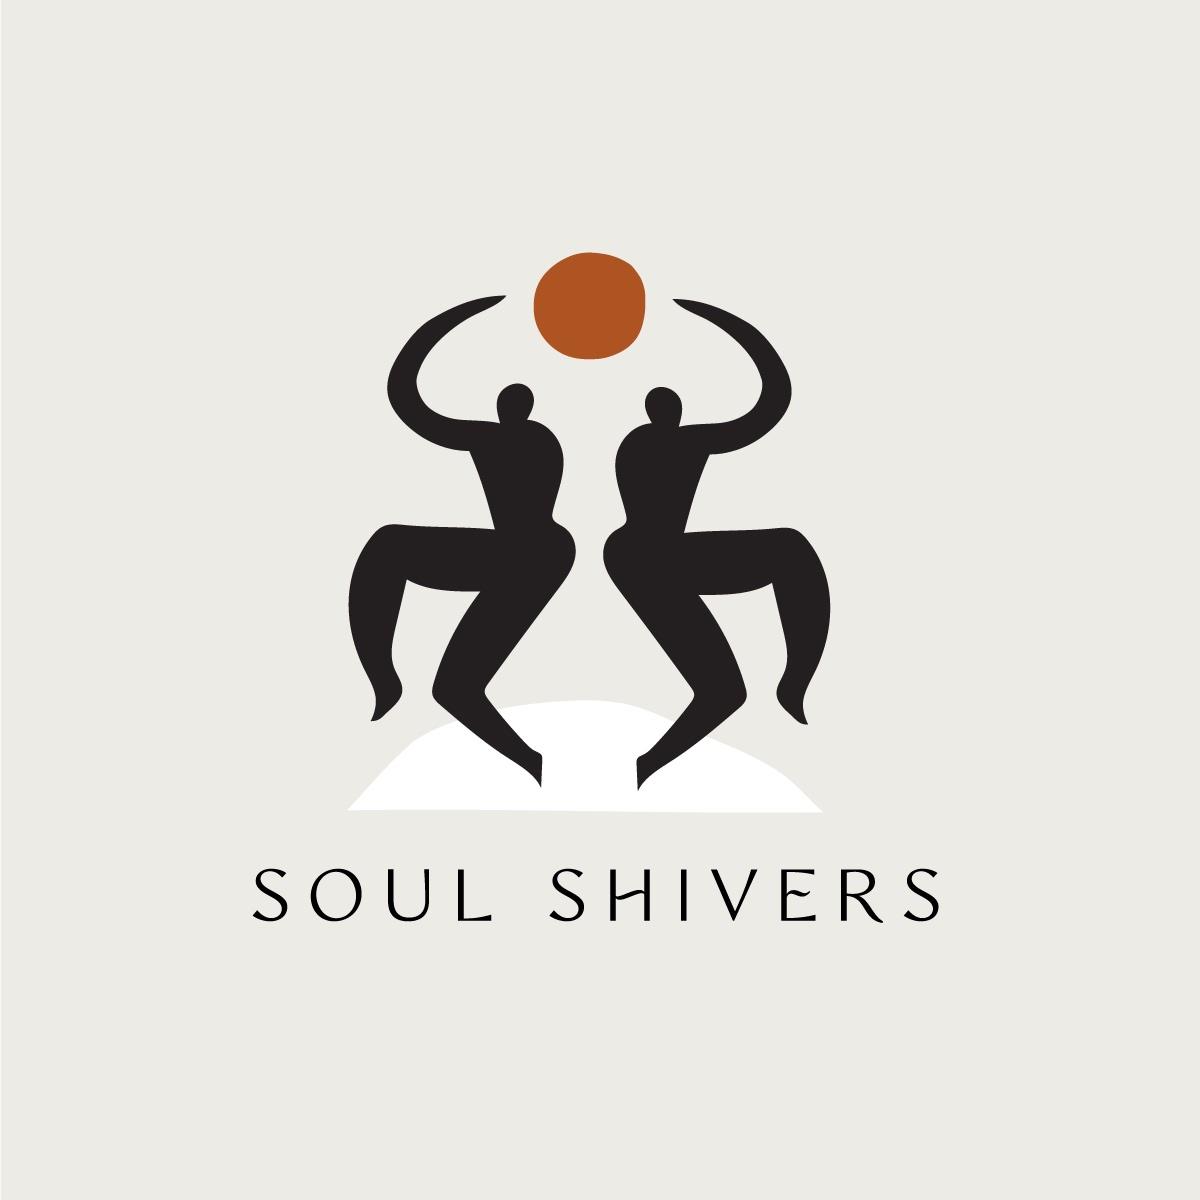 Soul Shivers